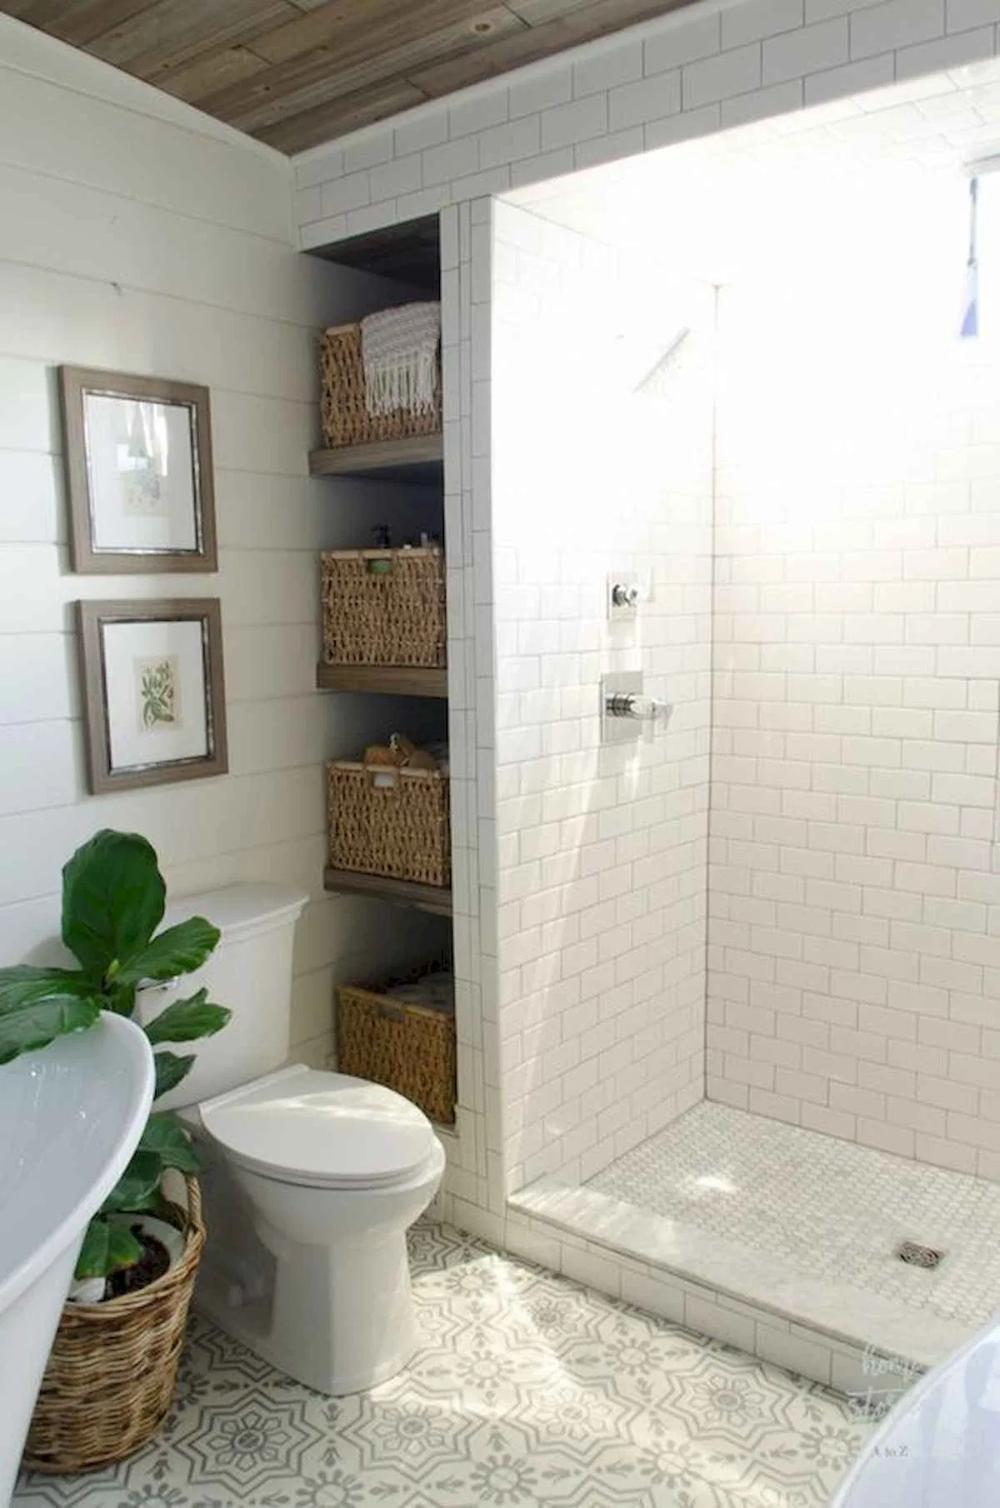 New Screen Bathroom Window Shutters Popular Container Home Designs Tolle Badezimmer Haus Innenarchitektur